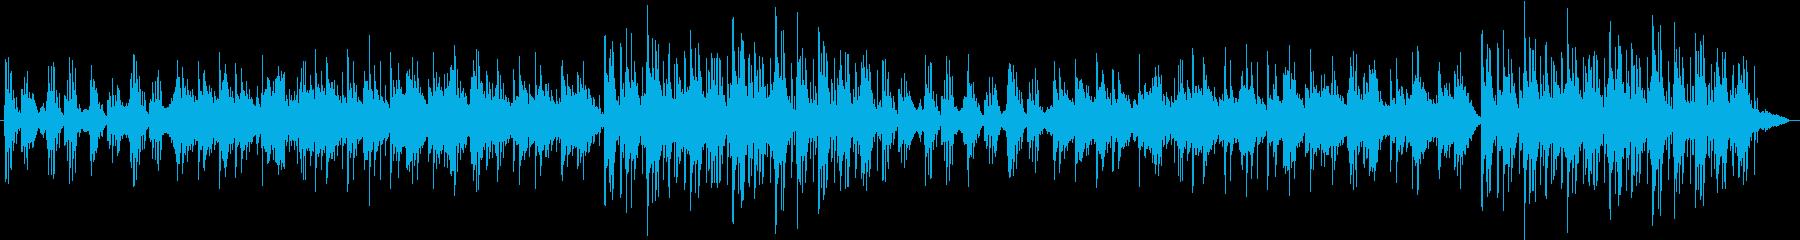 ピアノが静かなリズムで奏でますの再生済みの波形